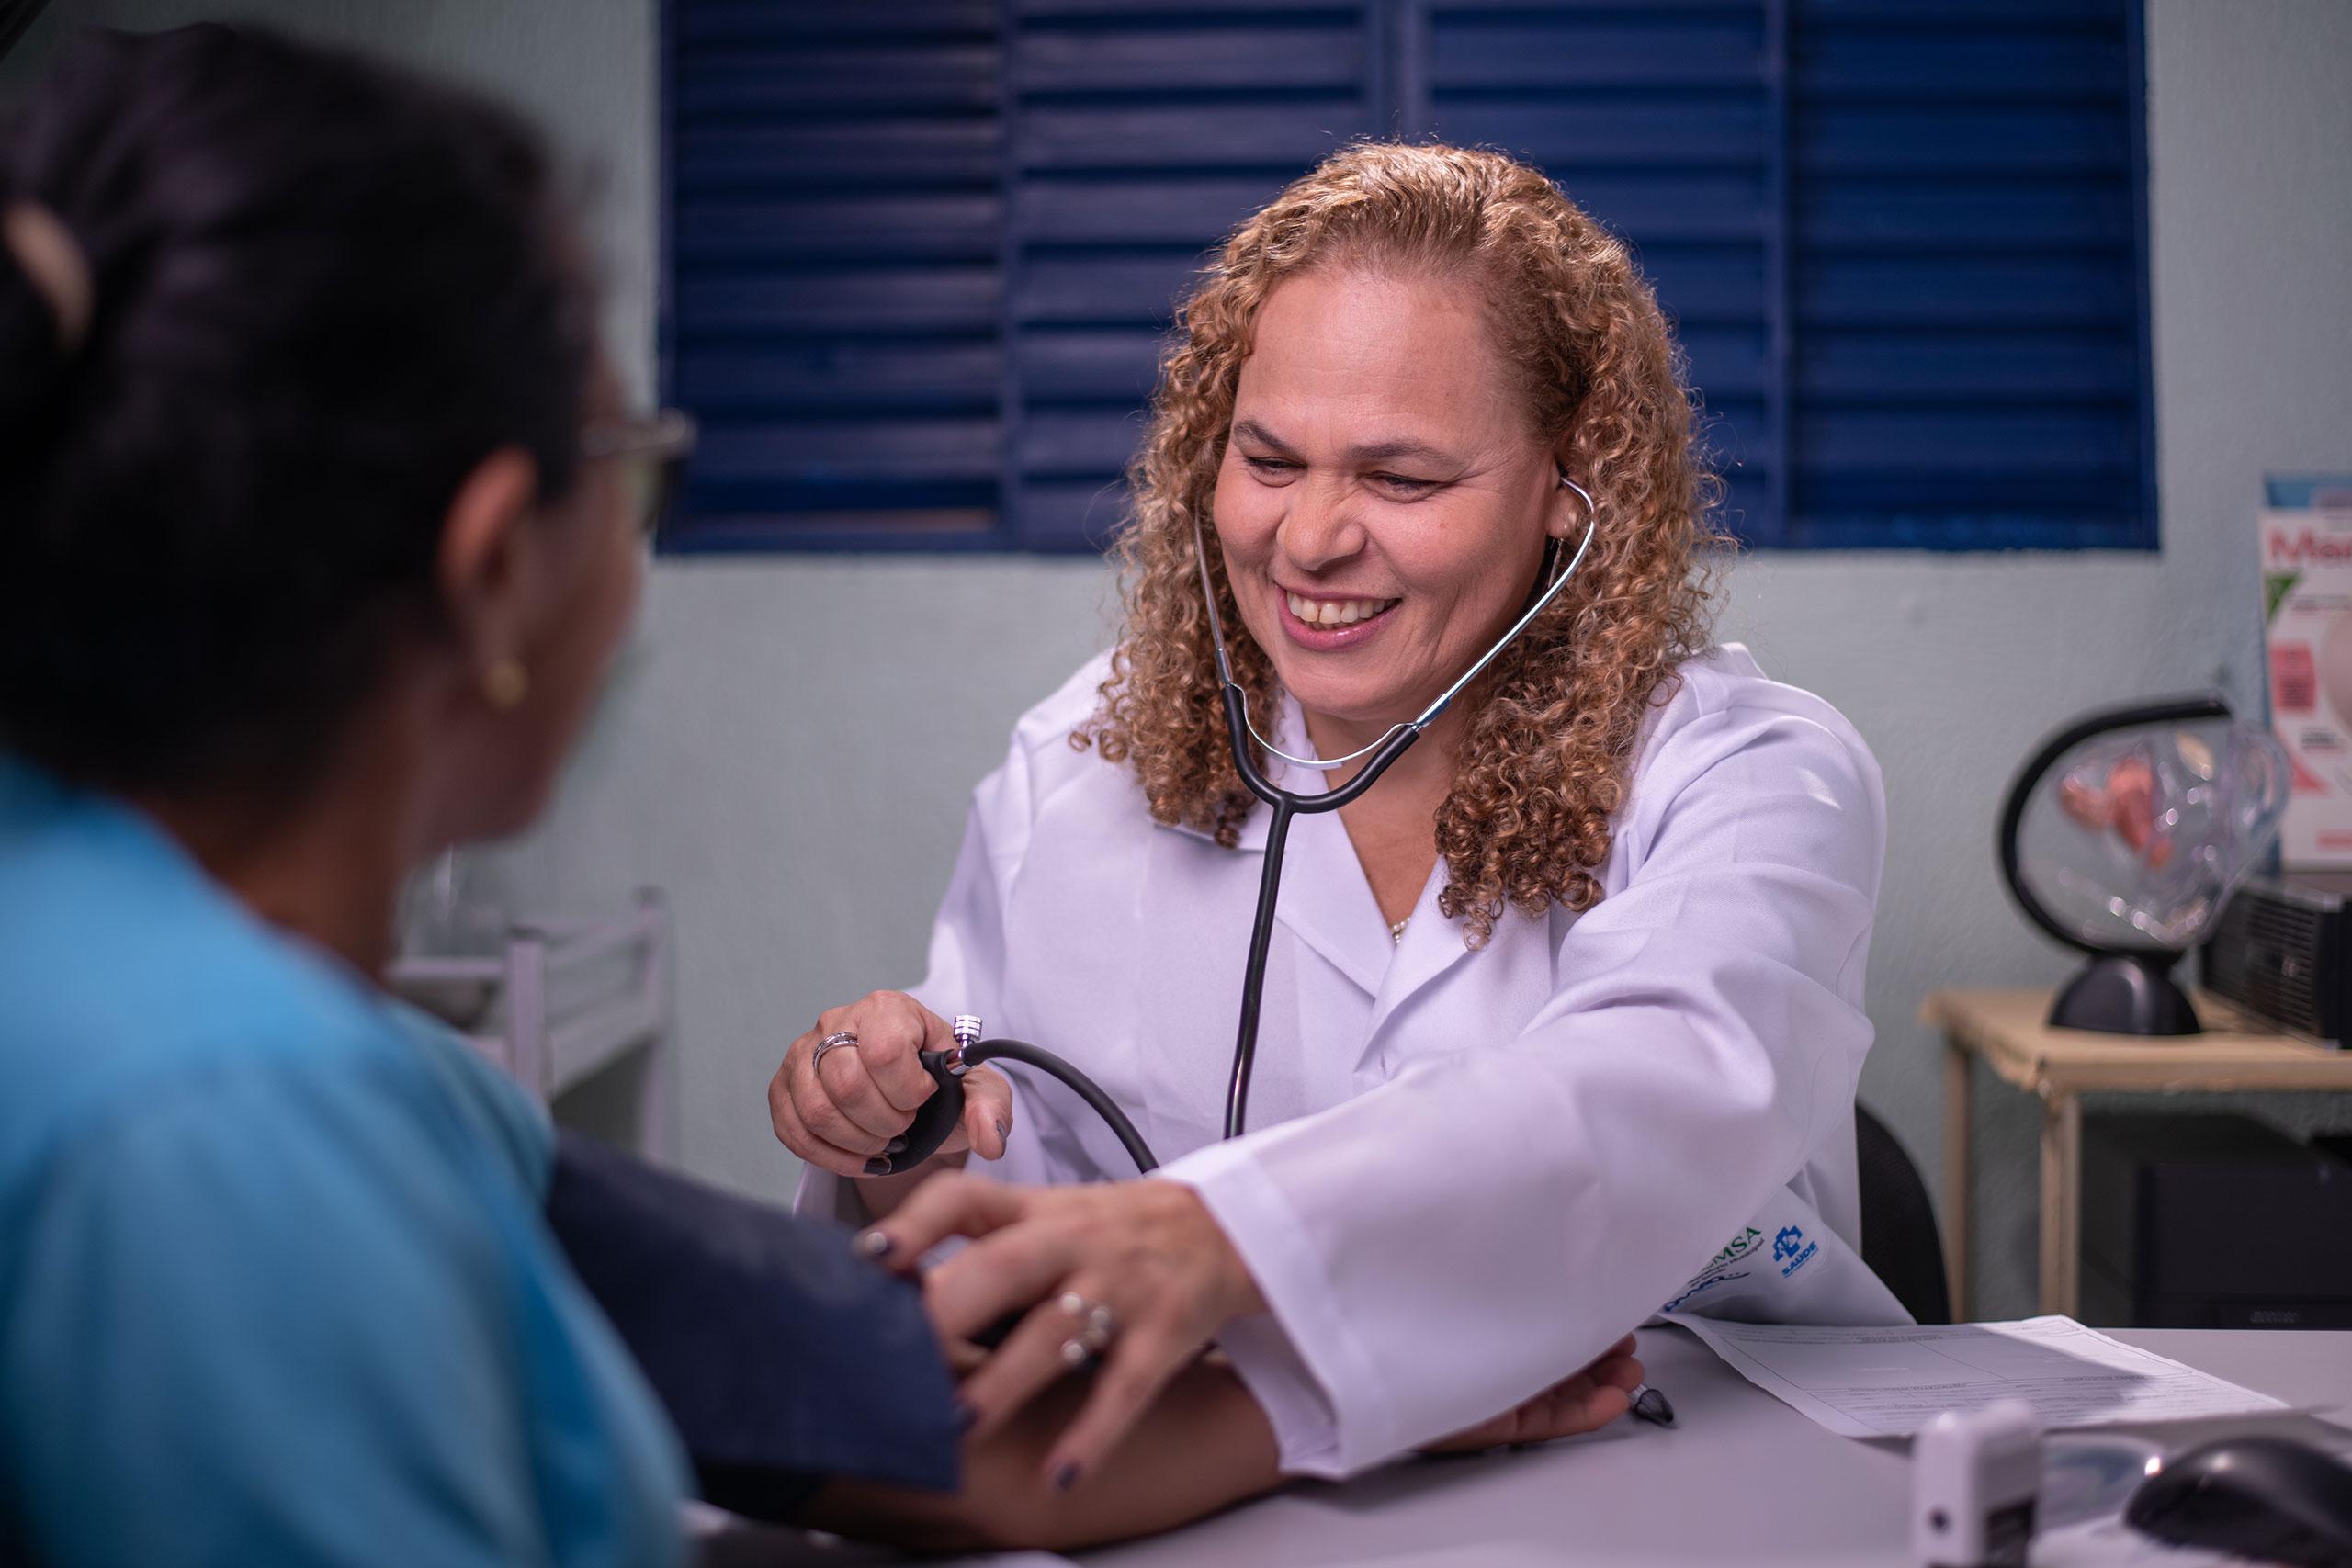 Enfermeira Atendendo